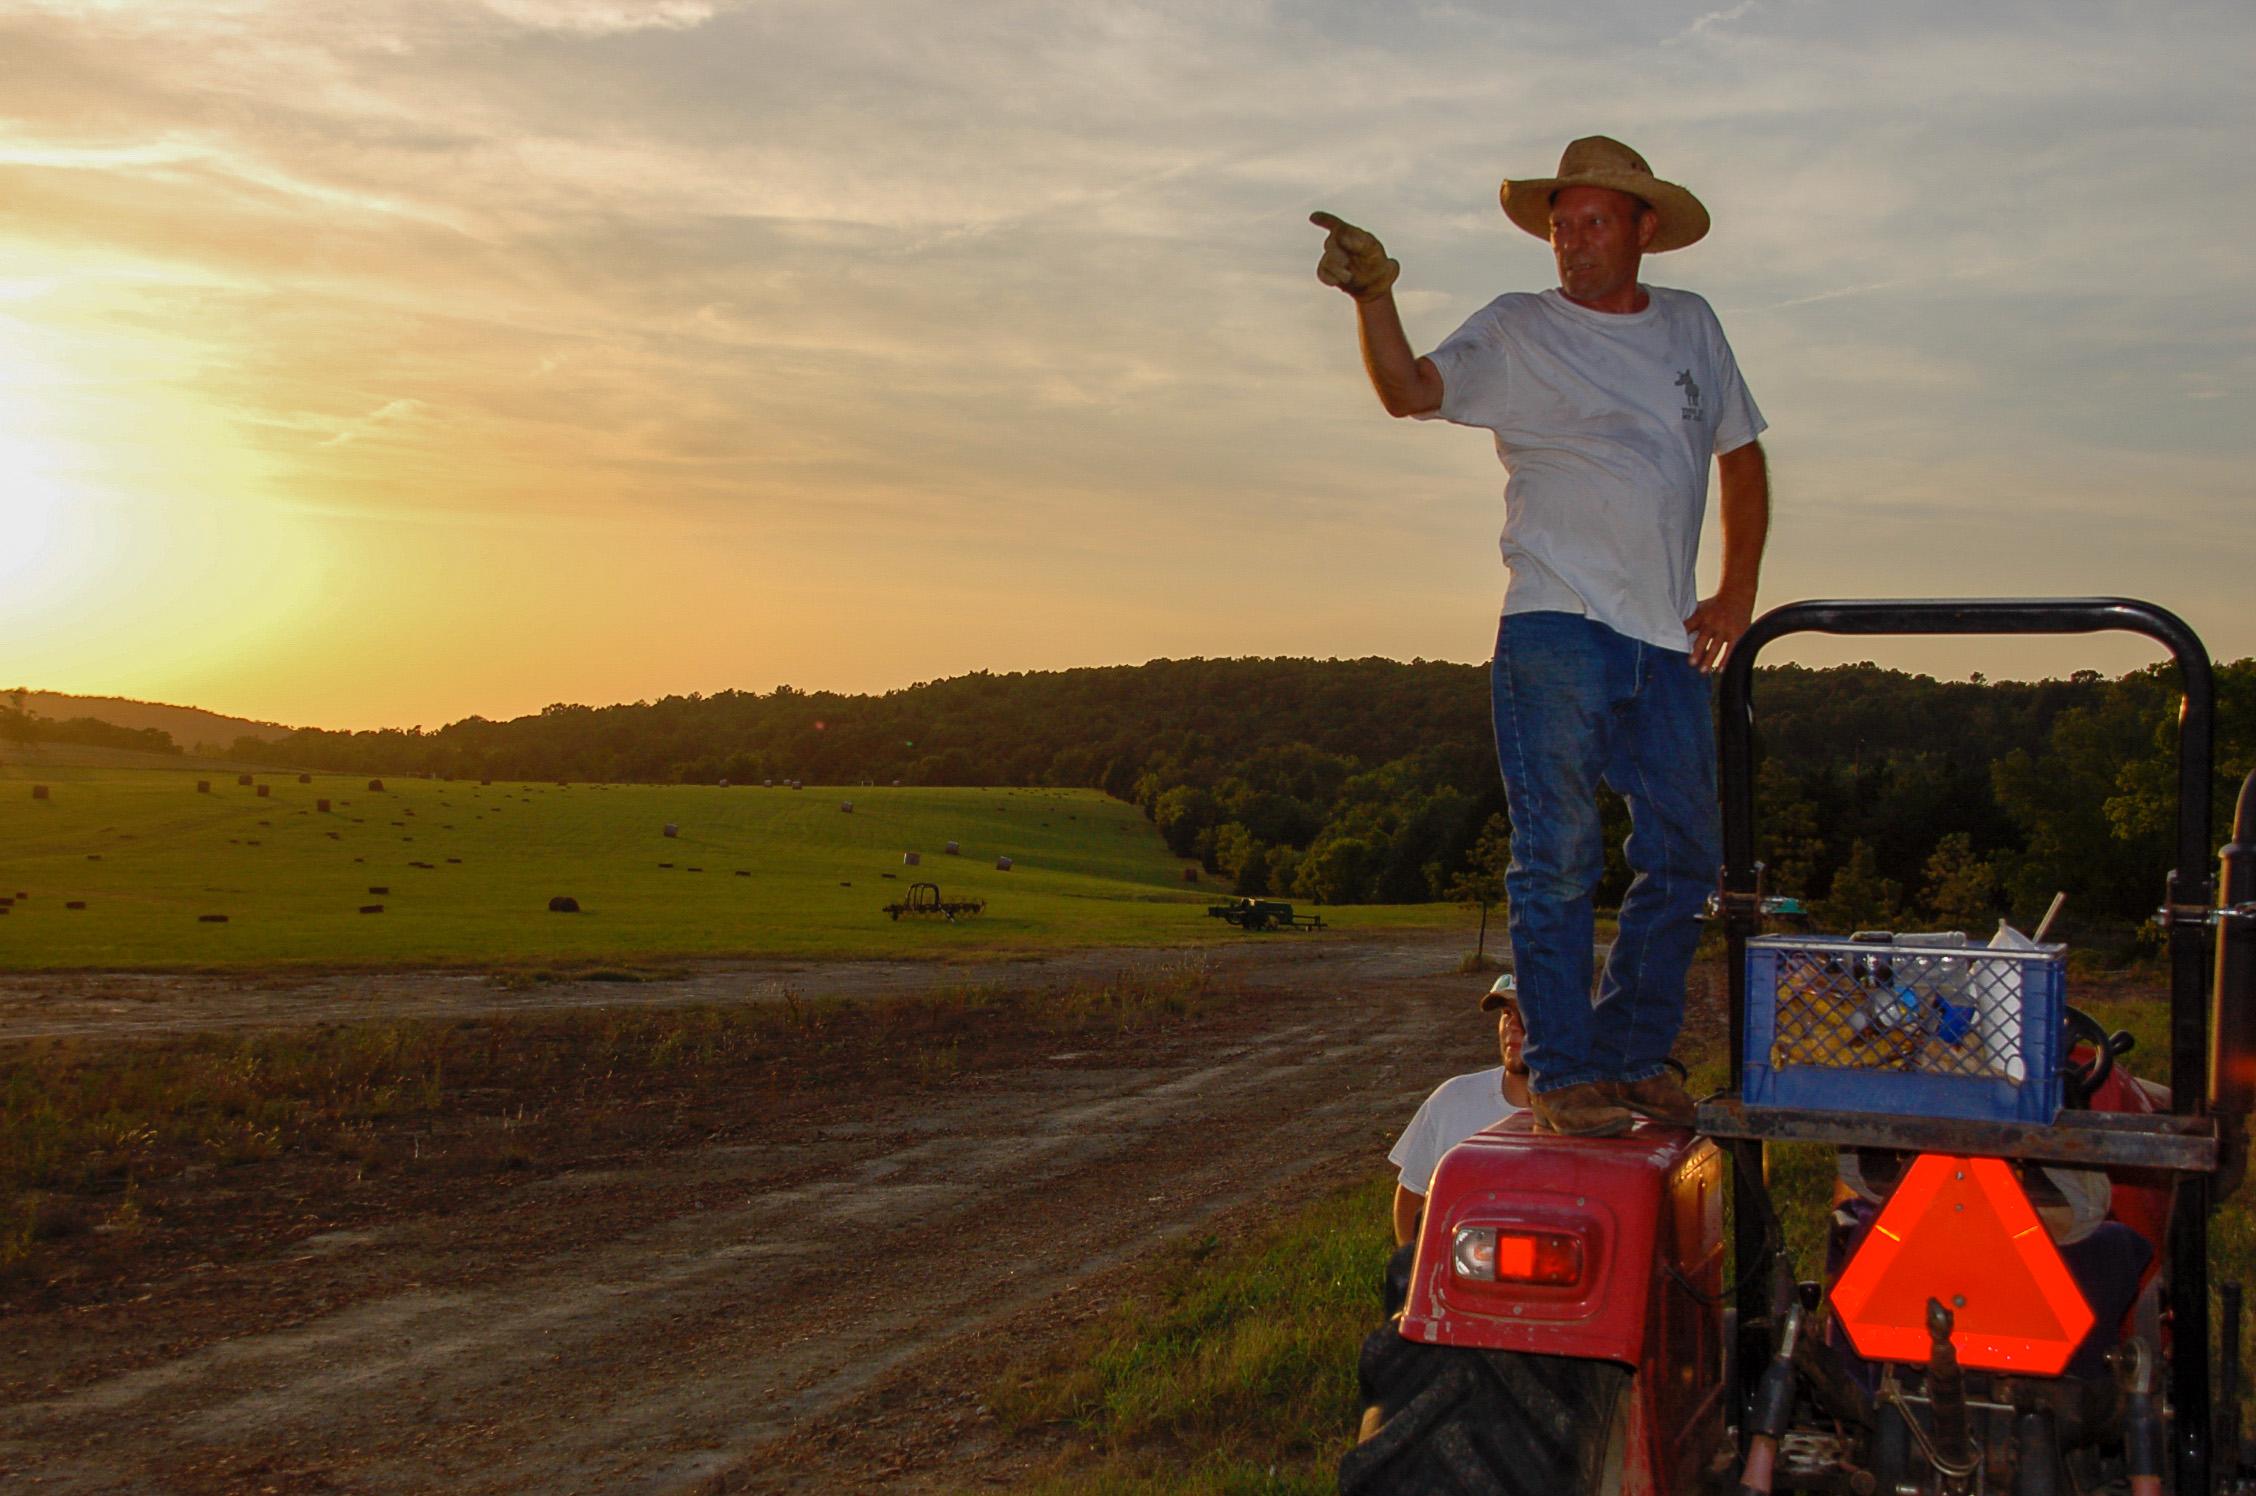 Ein Cowboy steht im Sonnenuntergang auf einem Traktor, während seiner Arbeit auf einer Dude Ranch in Oklahoma